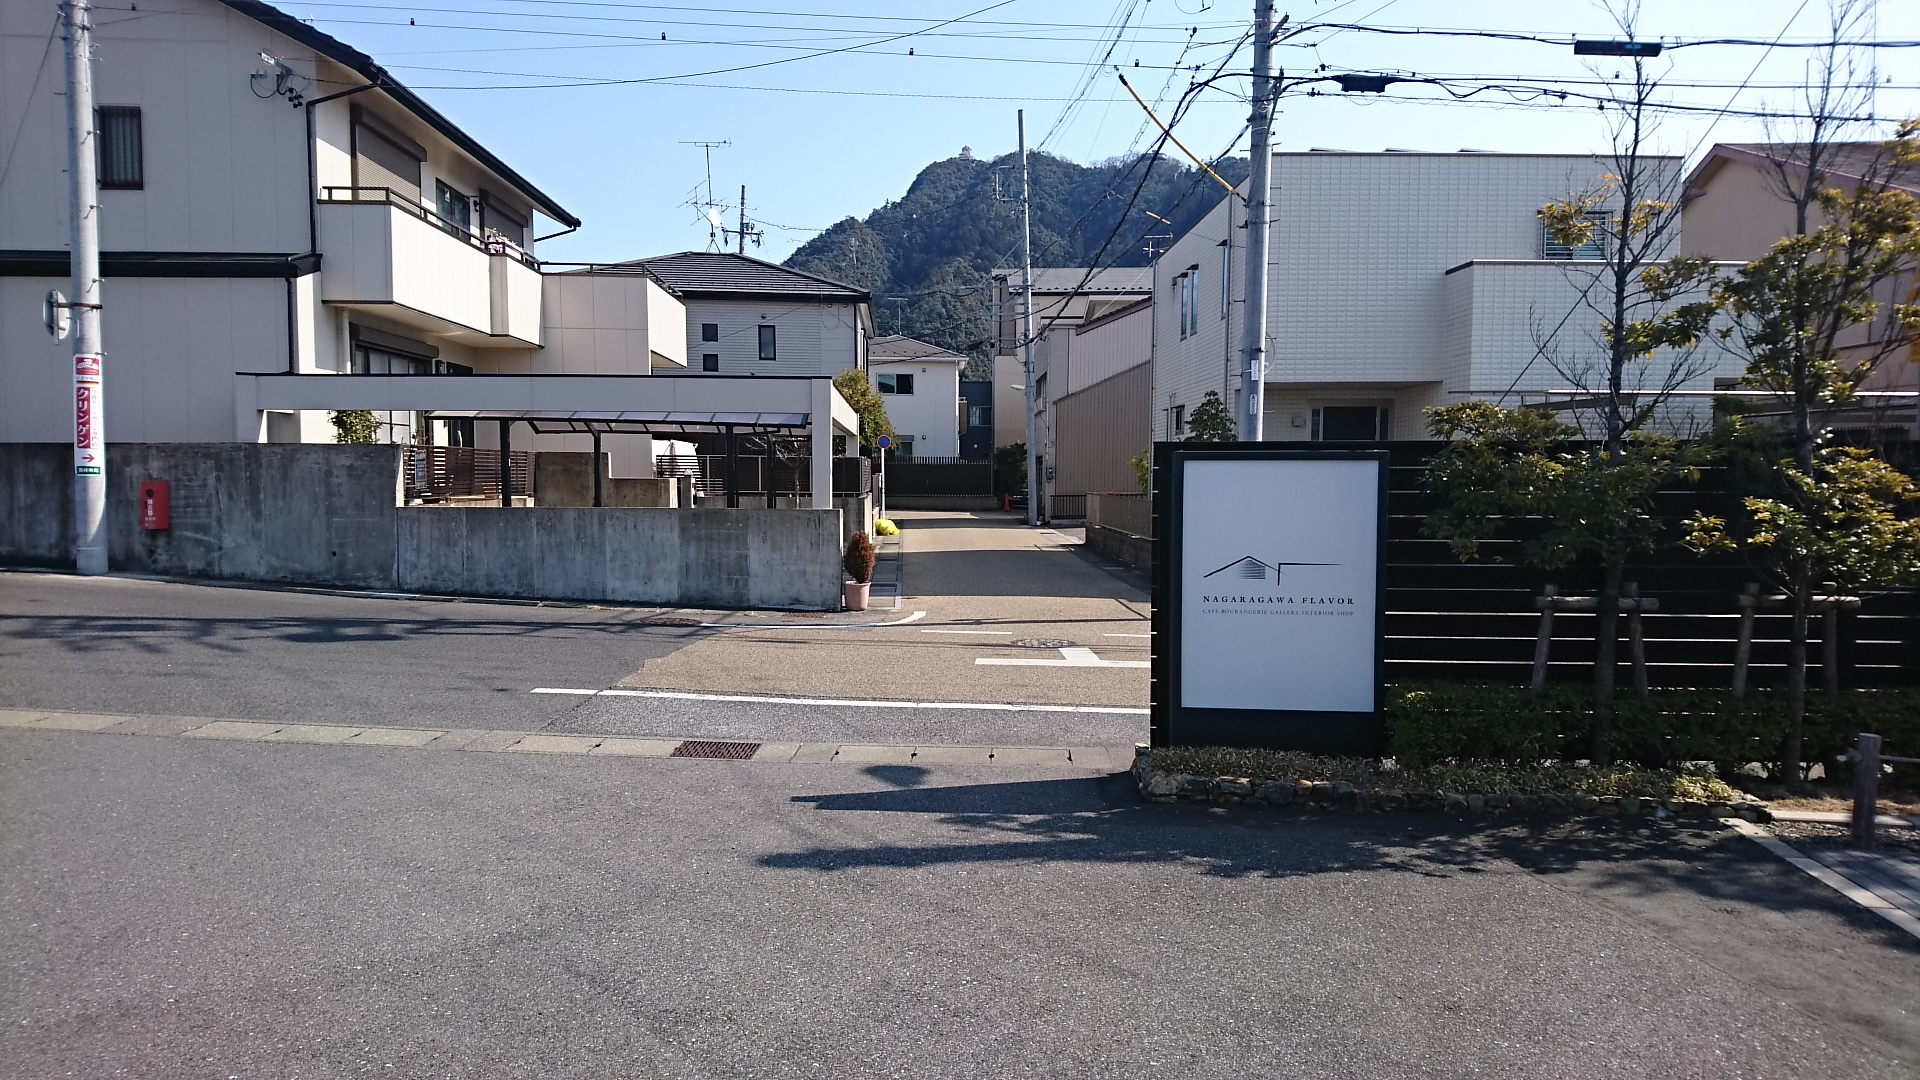 2018.2.19 岐阜 (151) ナガラガワフレーバーからひがしえ 1920-1080